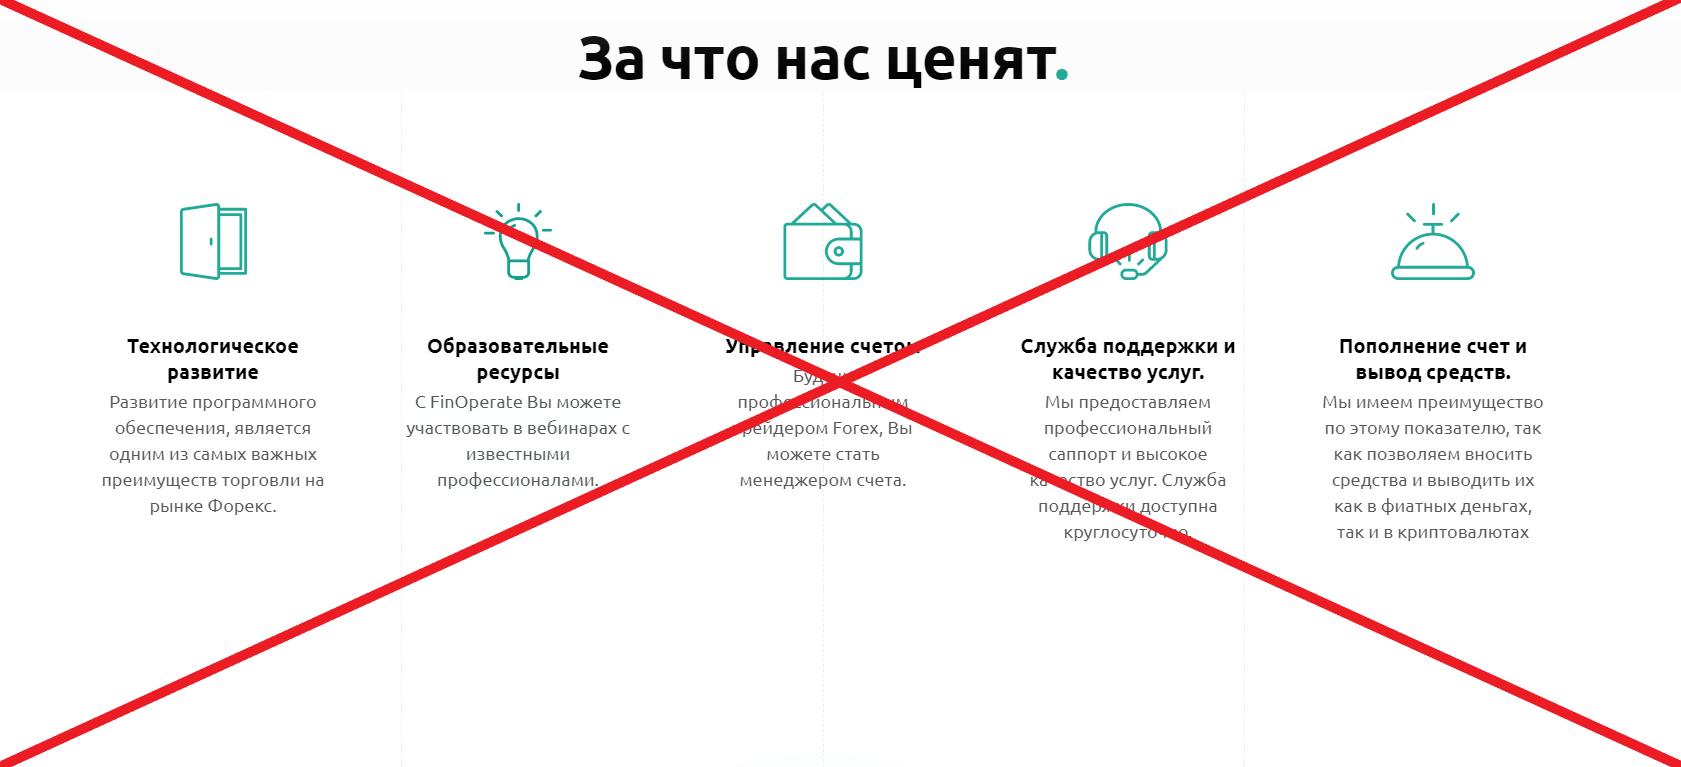 FinOperate - отзывы. Обман finoperate.com